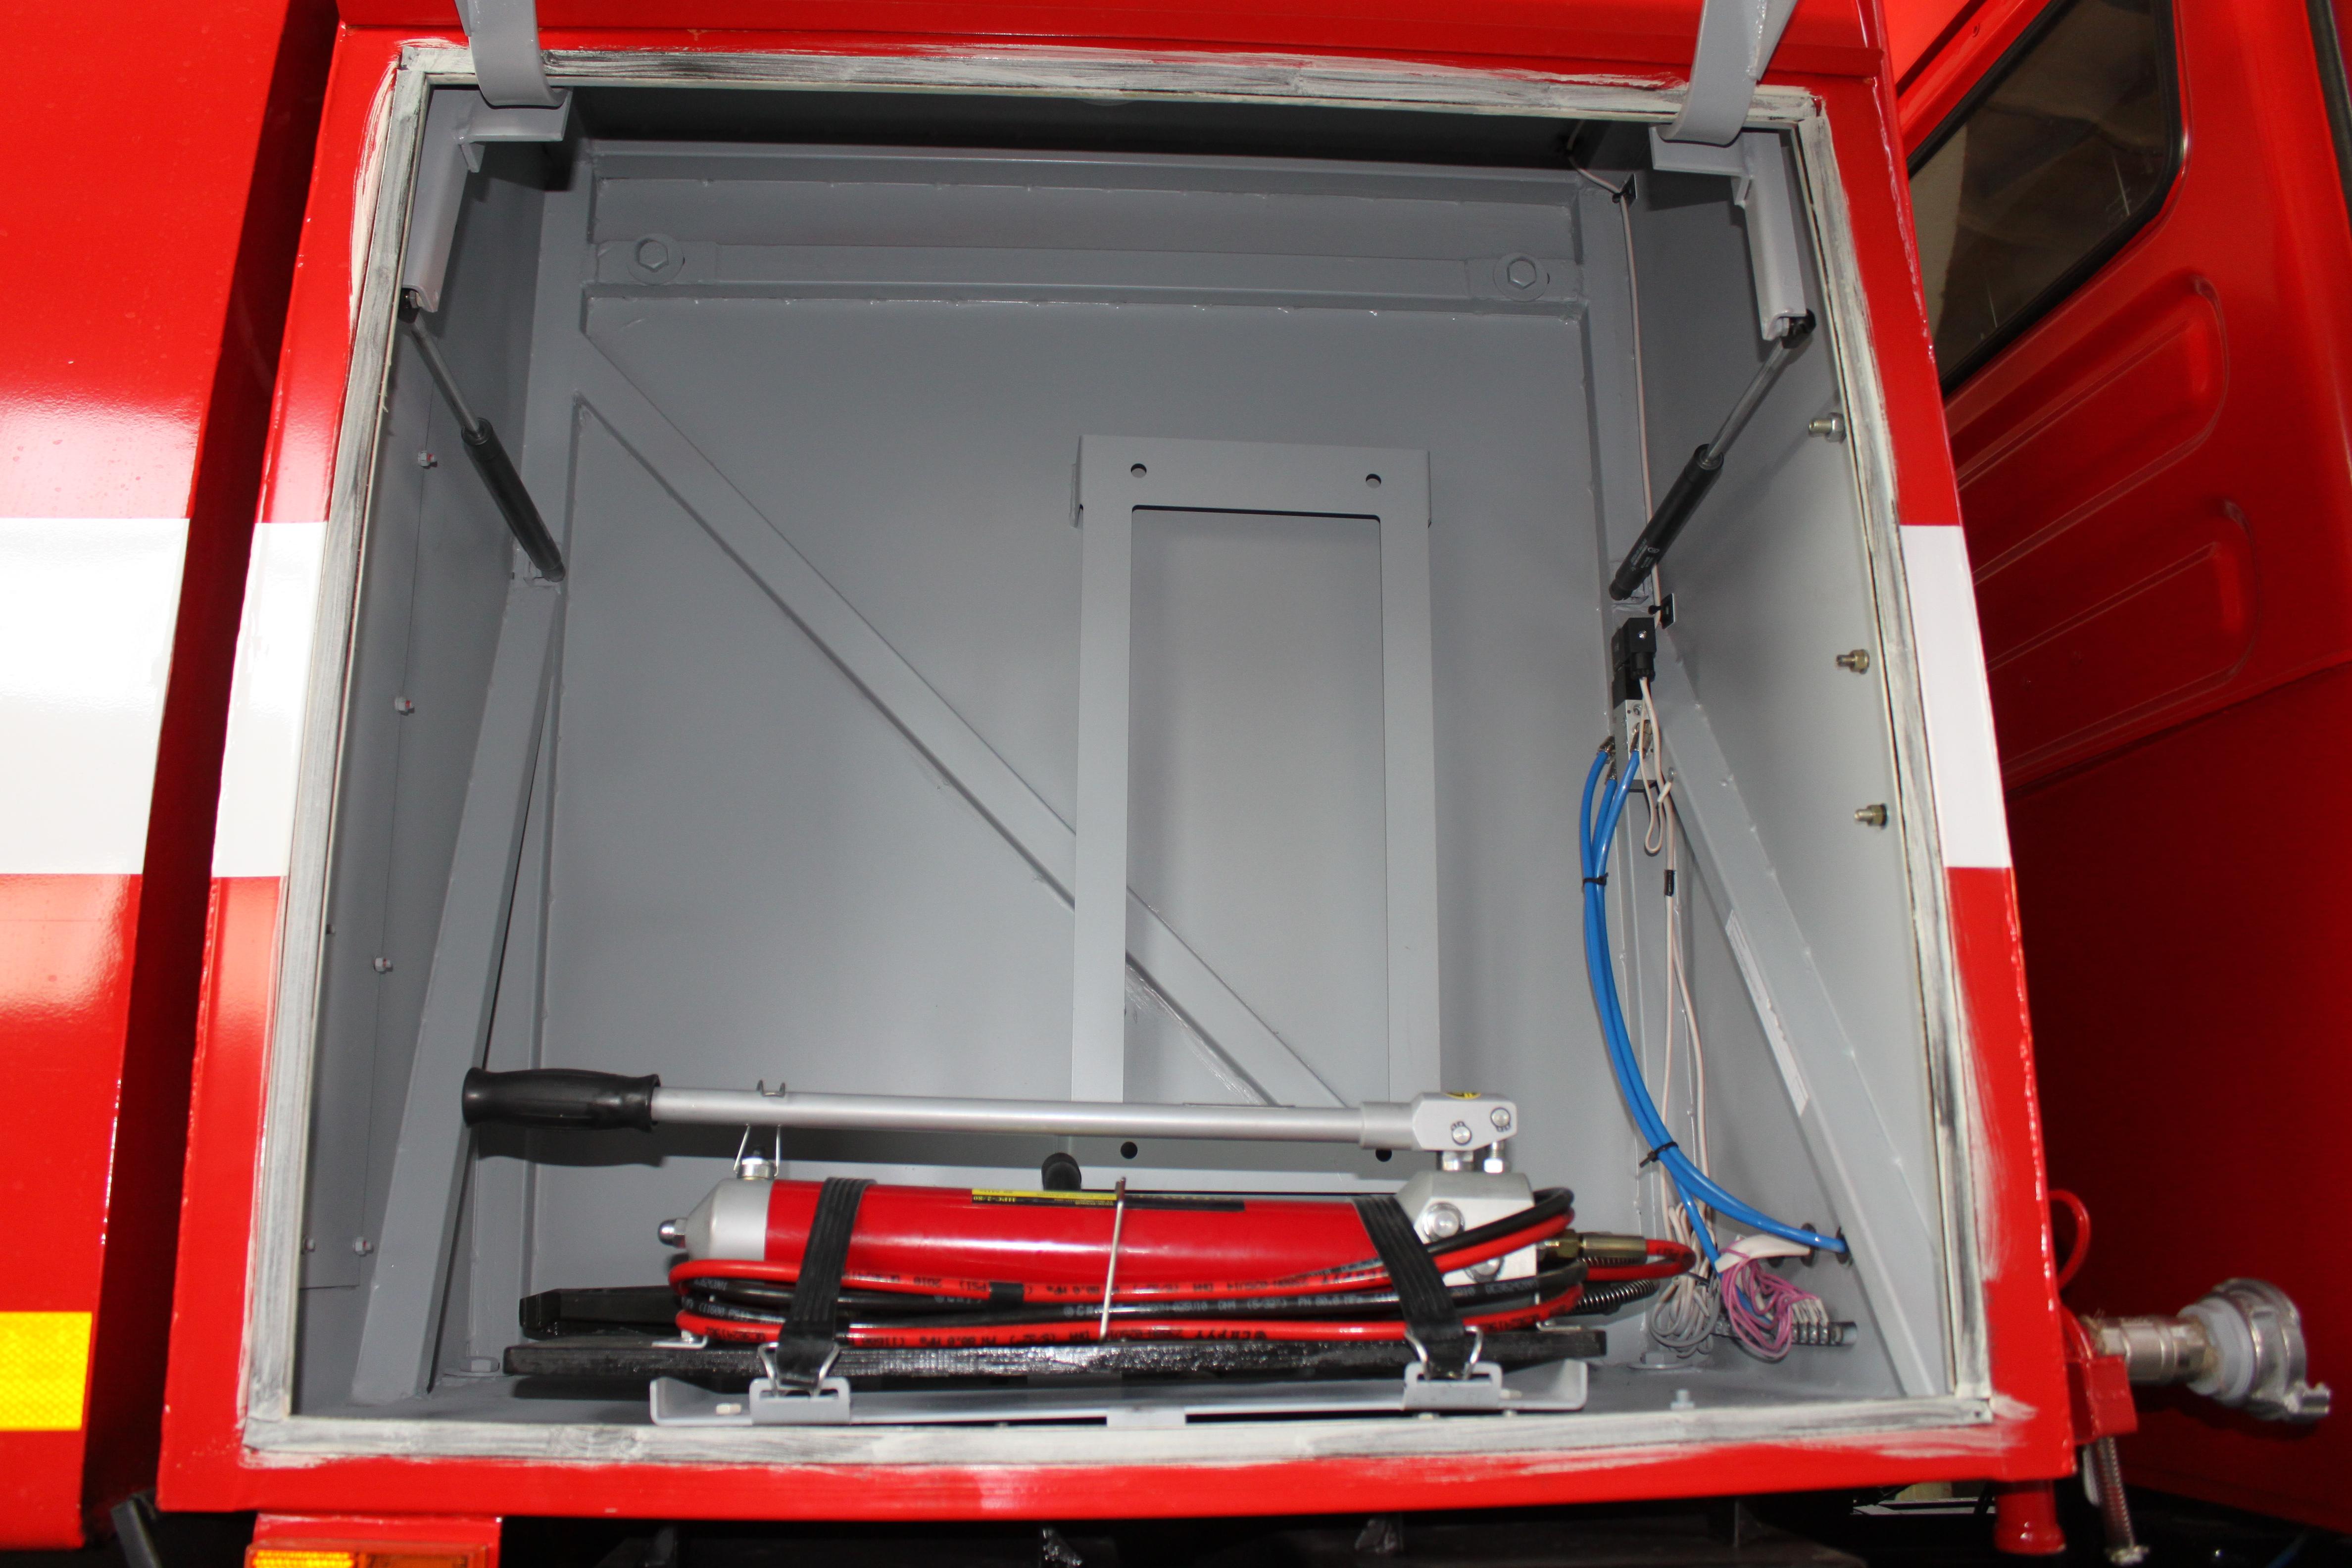 схема устройства пожарного насоса нцпк-40/-100-4/400